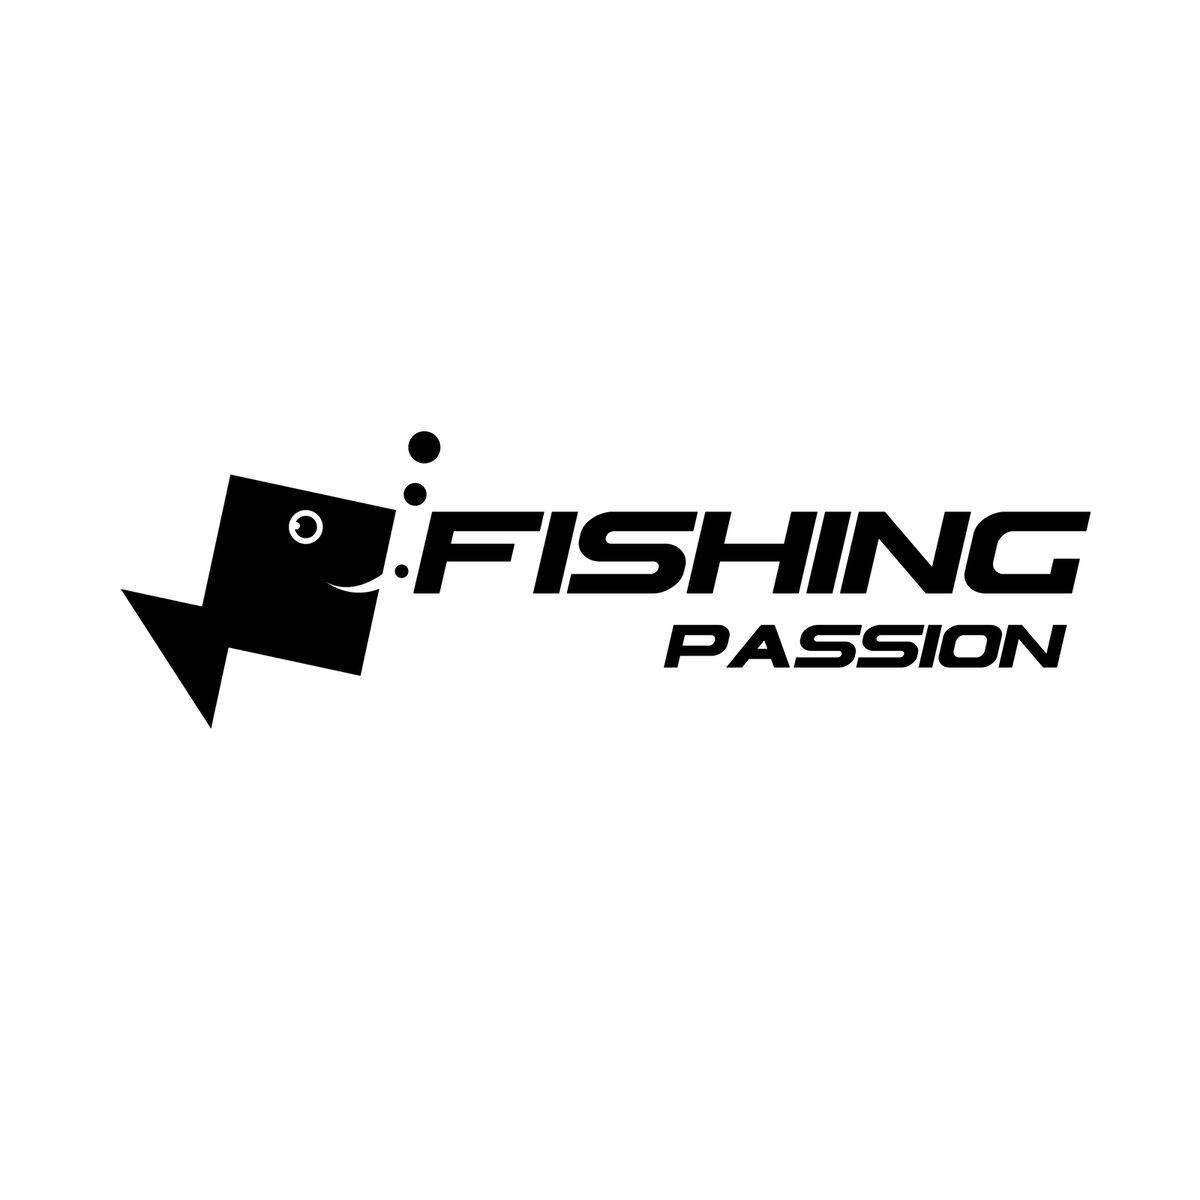 FISHING-PASSION